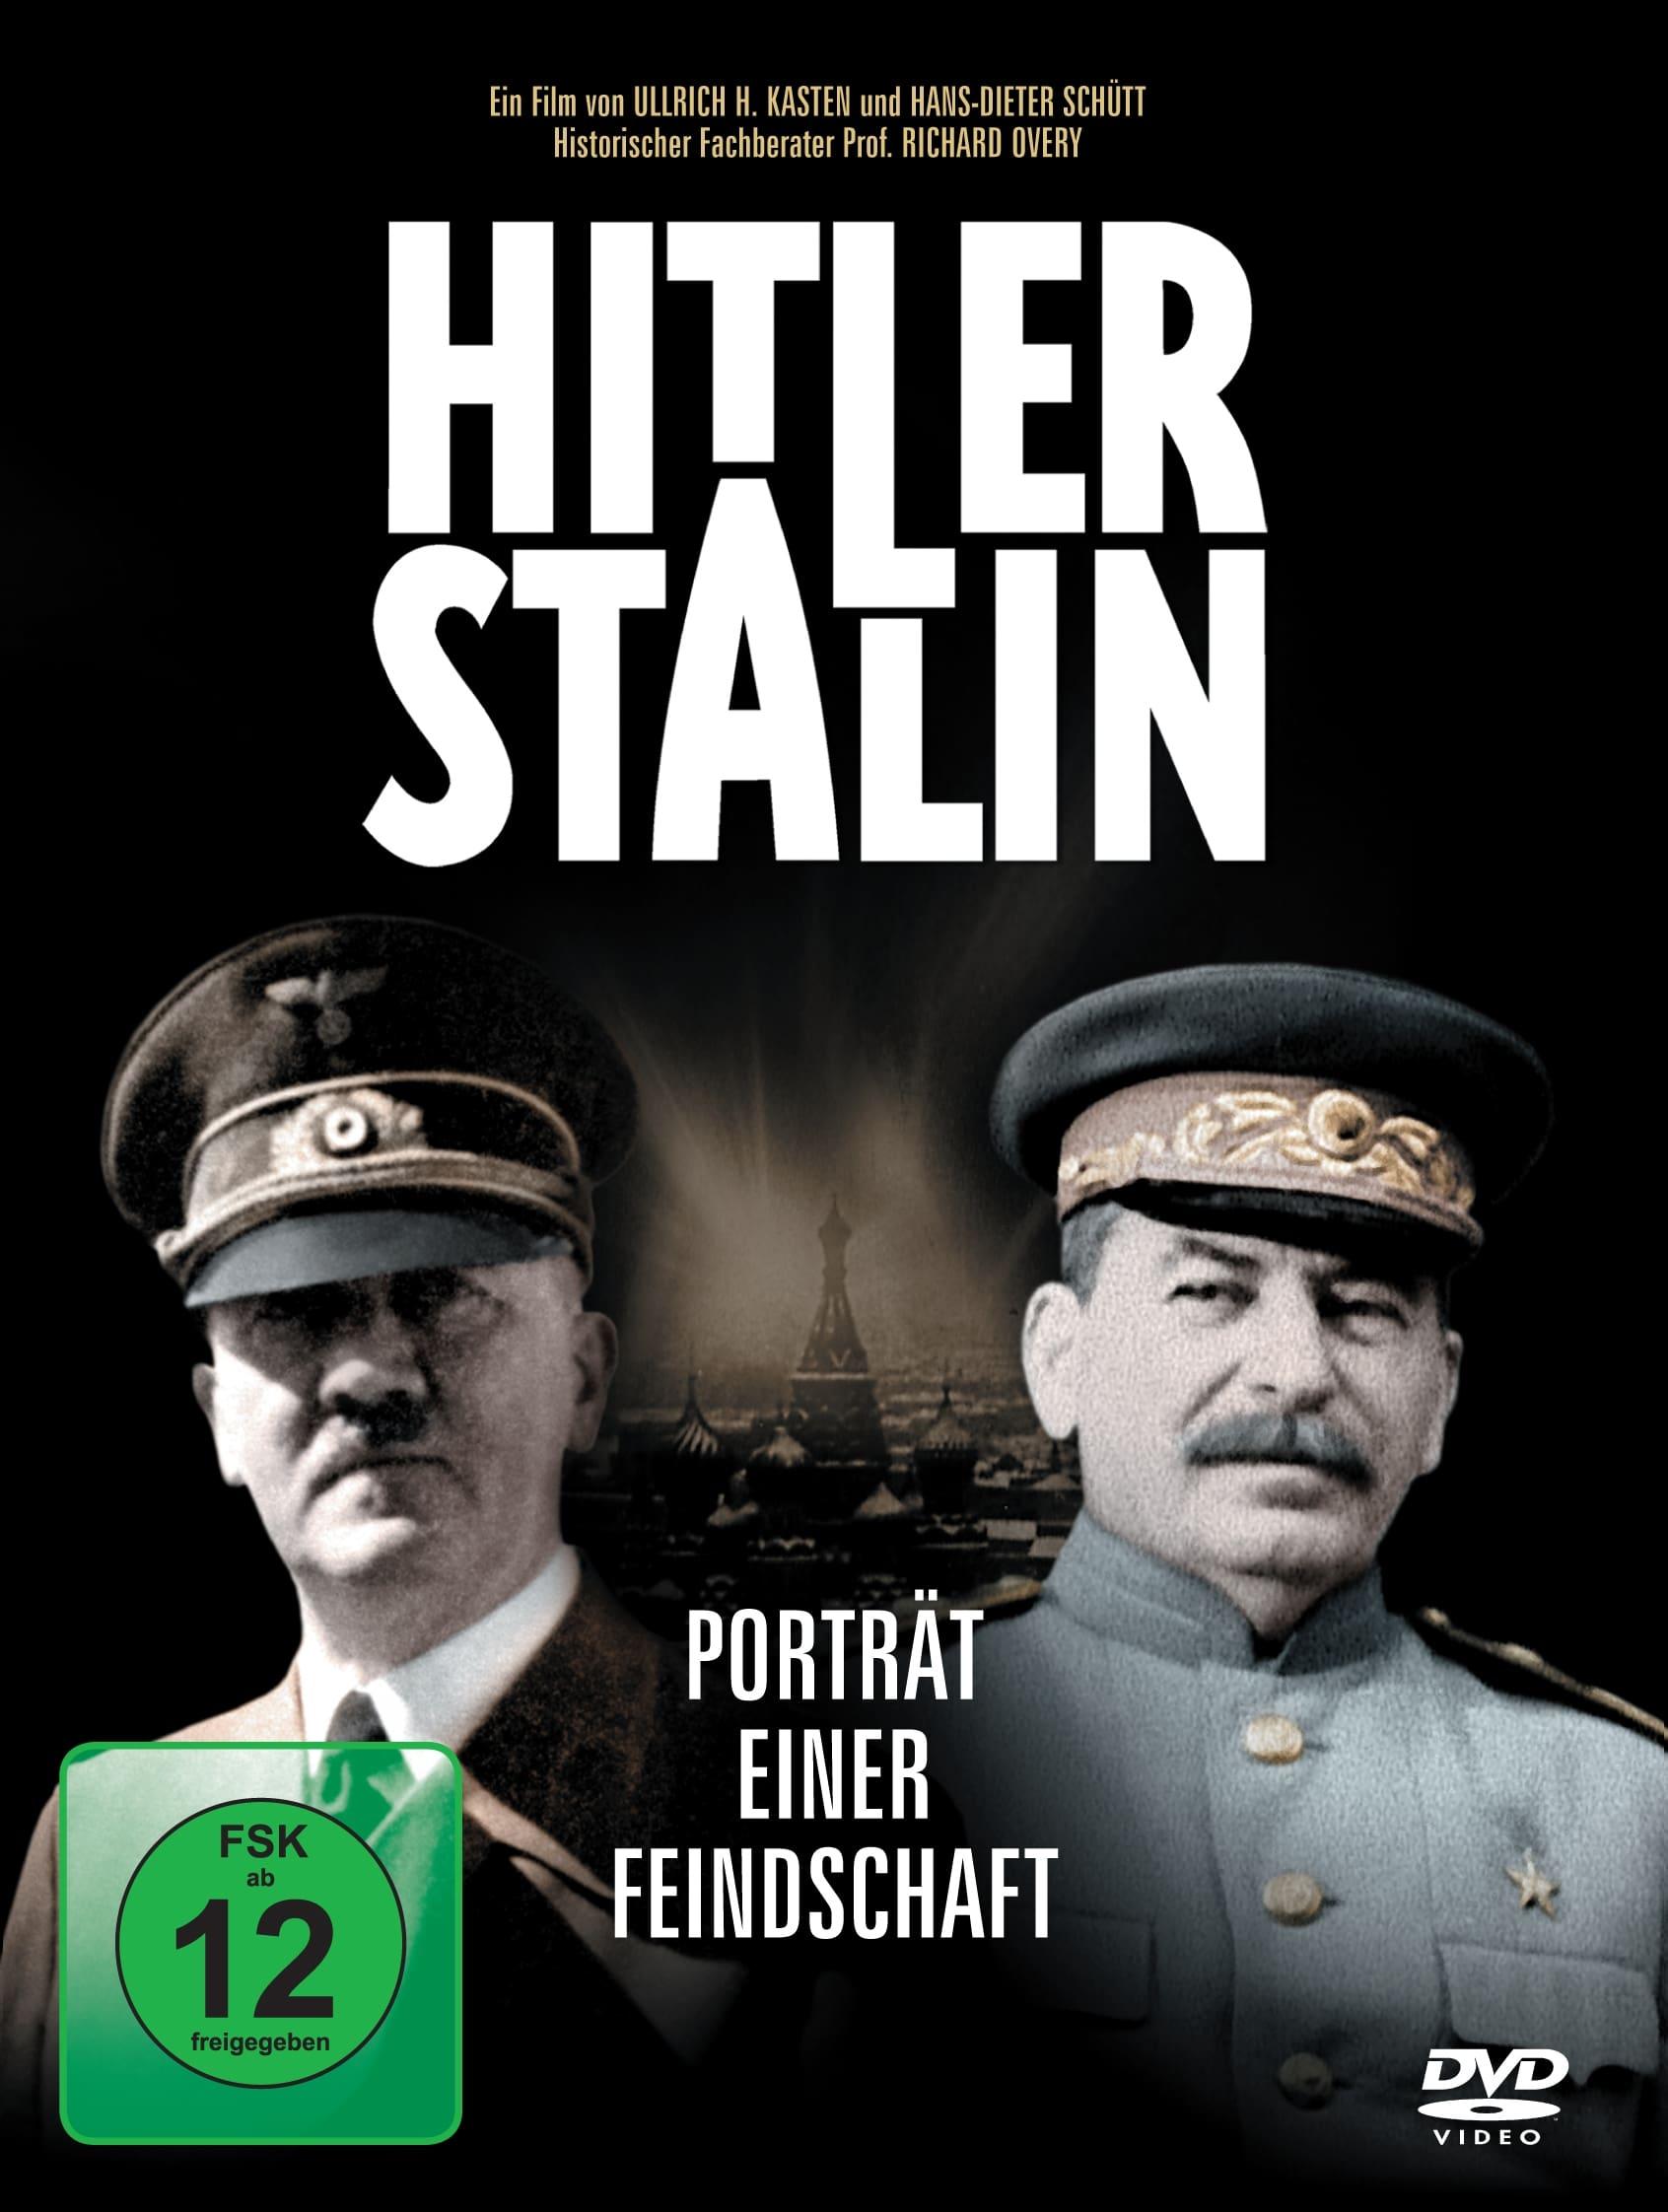 Hitler & Stalin: Portrait of Hostility